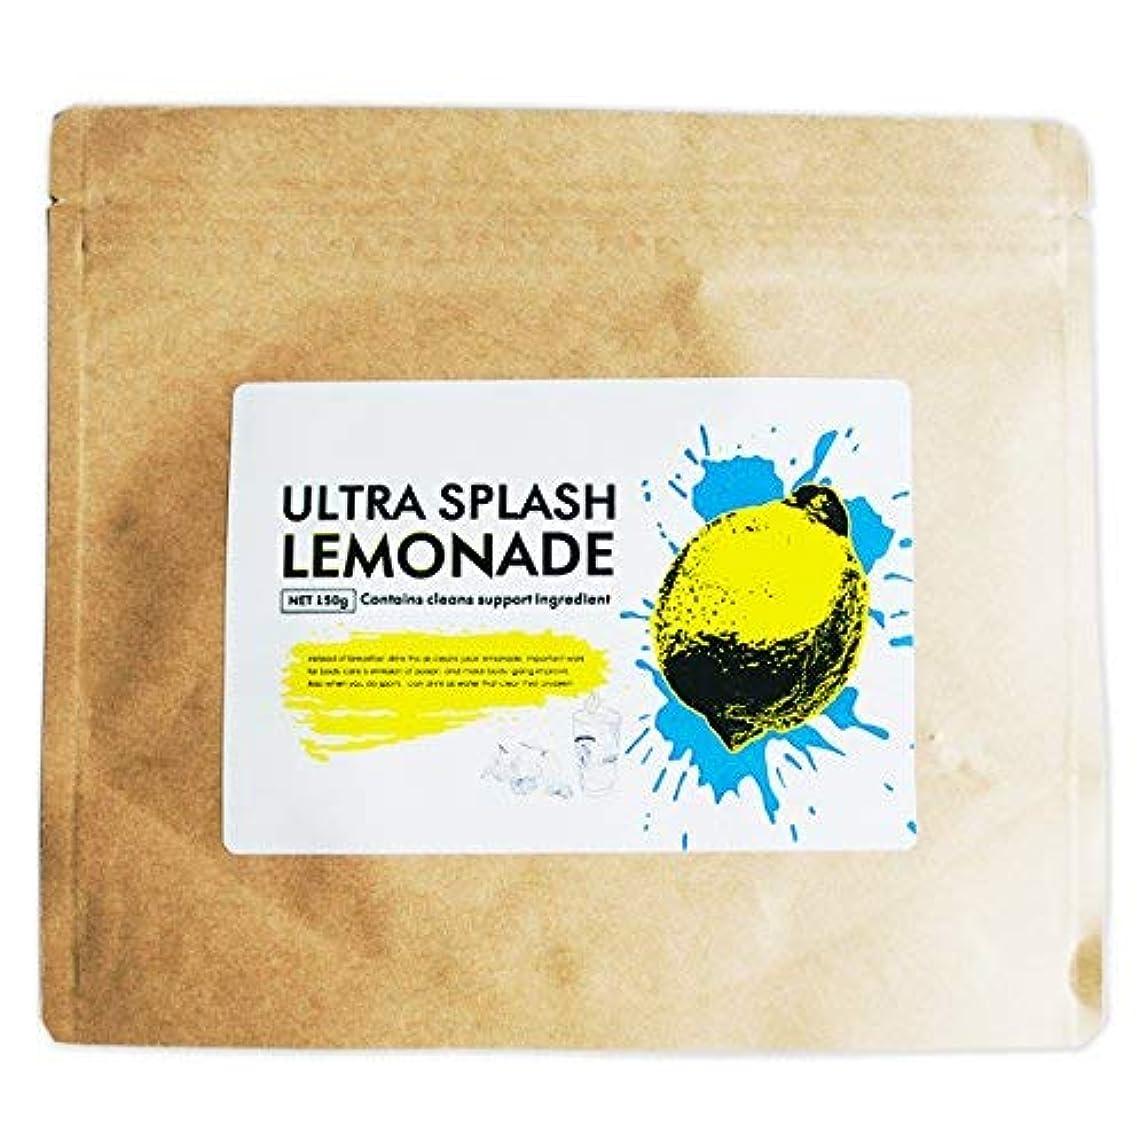 赤社会プロフェッショナル炭酸 レモネード クレンズジュース 7億5千個の乳酸菌 フォルスコリ デキストリン キャンドルブッシュ 172種類の 酵素 配合 150g by ULTRA SPLASH